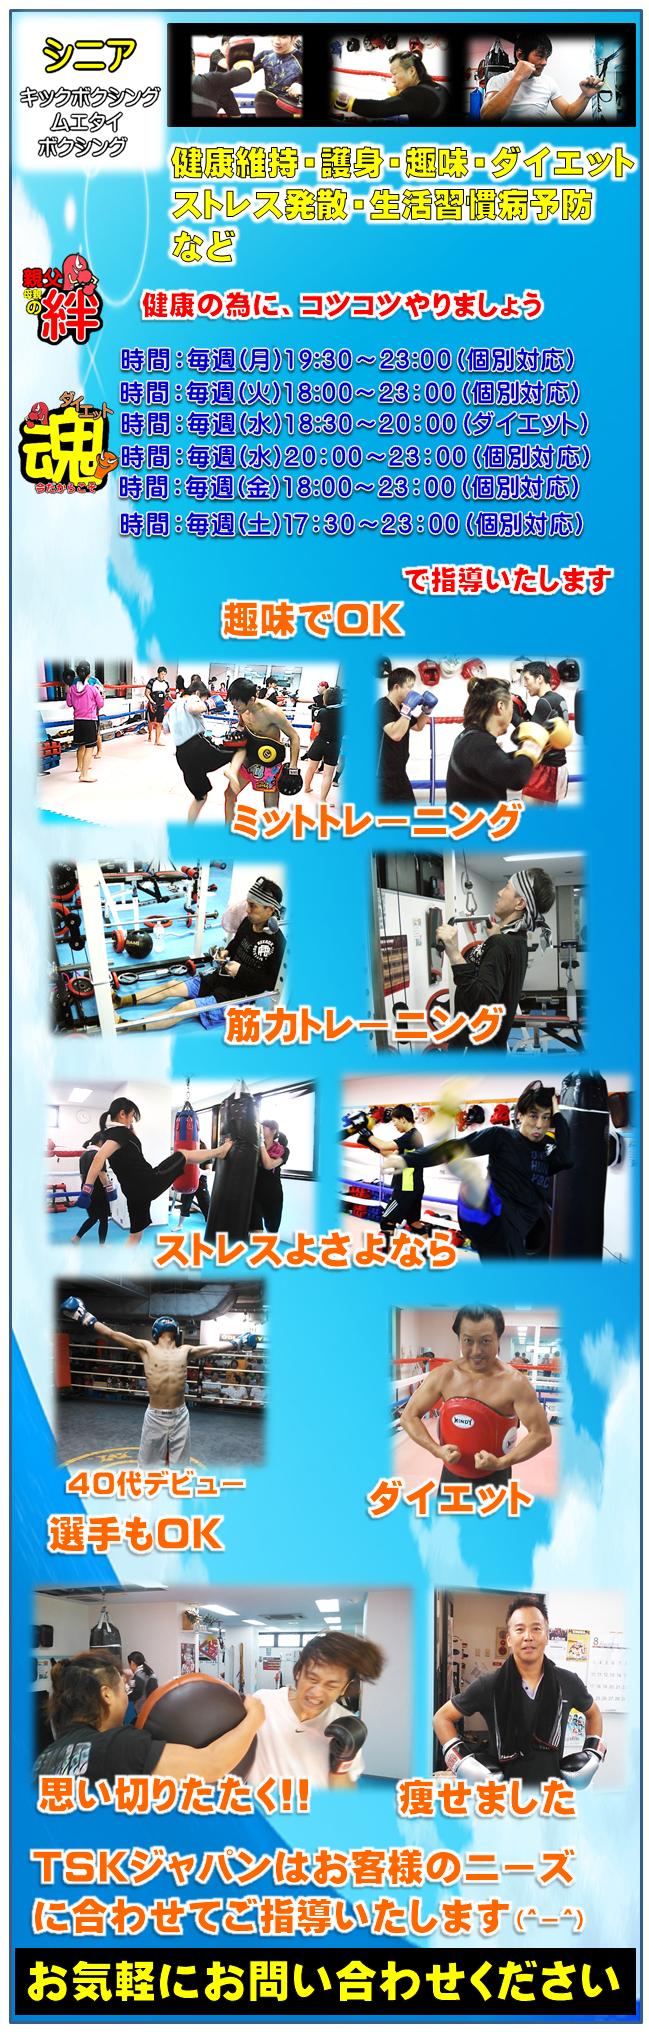 横浜キックボクシングジム TSKjapan シニアキック